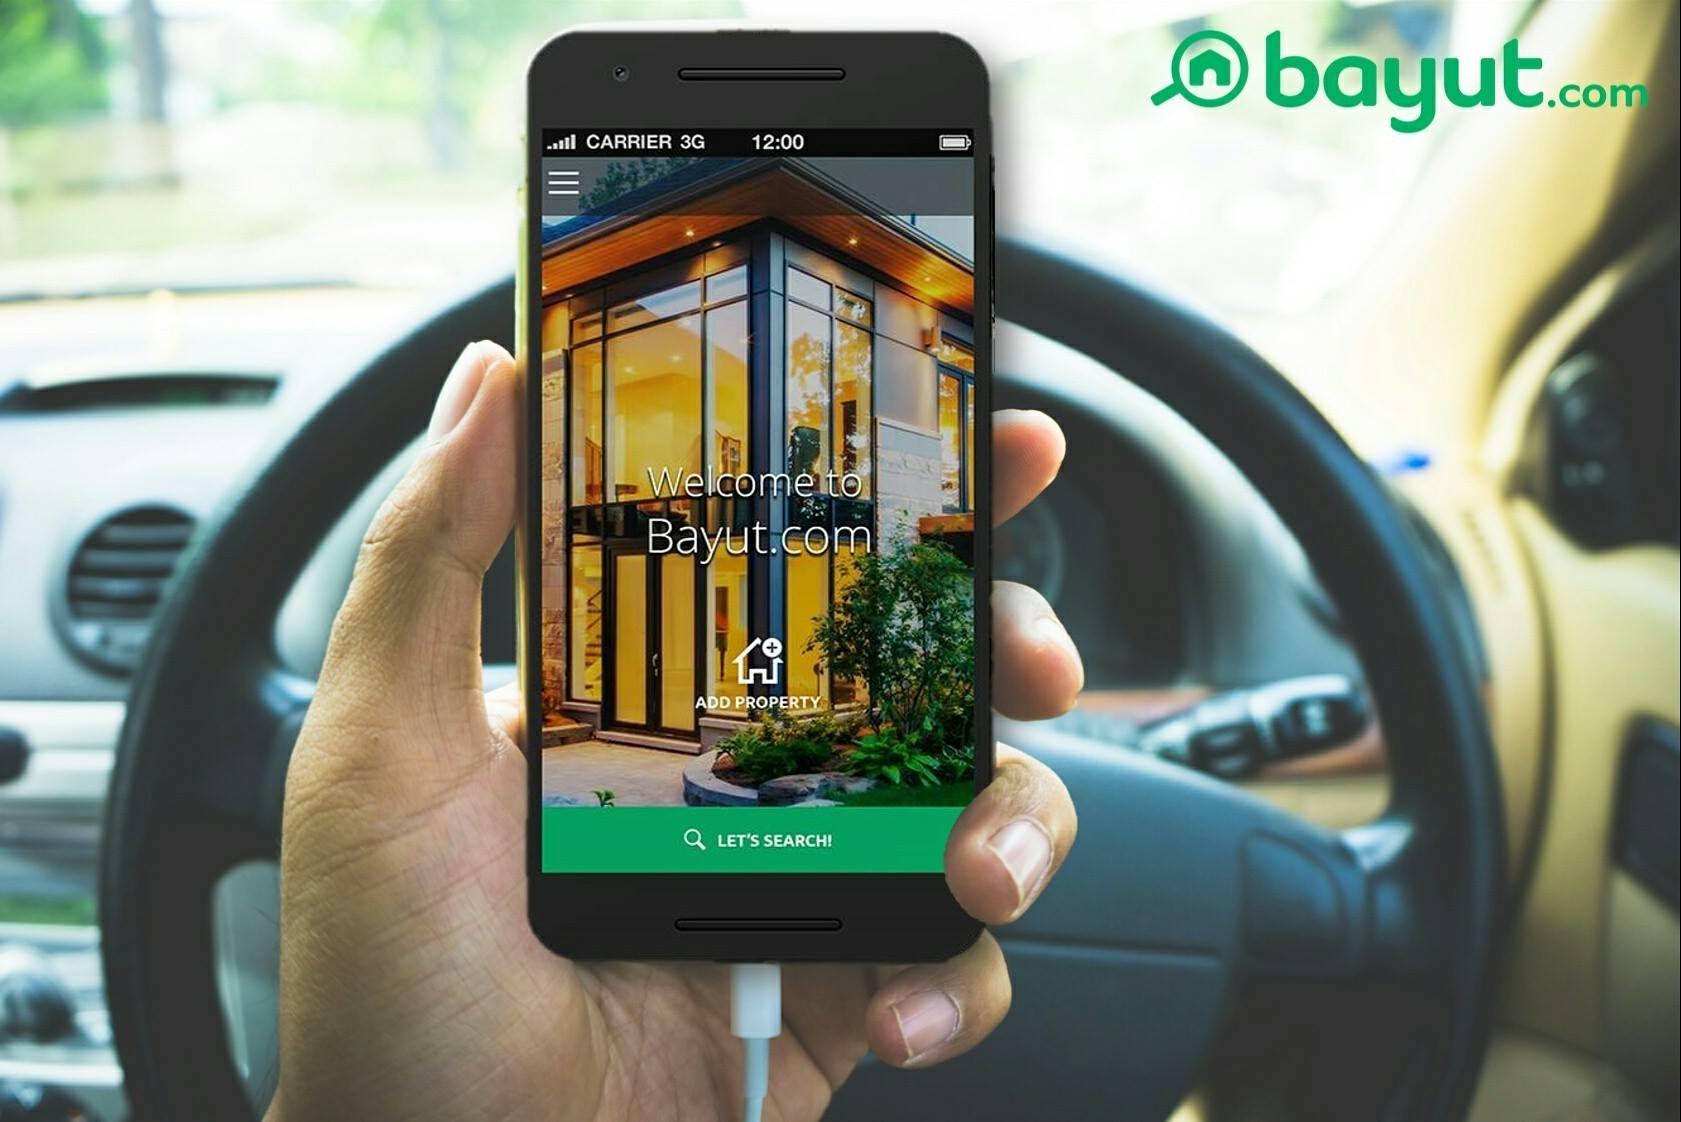 Bayut.com's parent company raises $100 million Series D